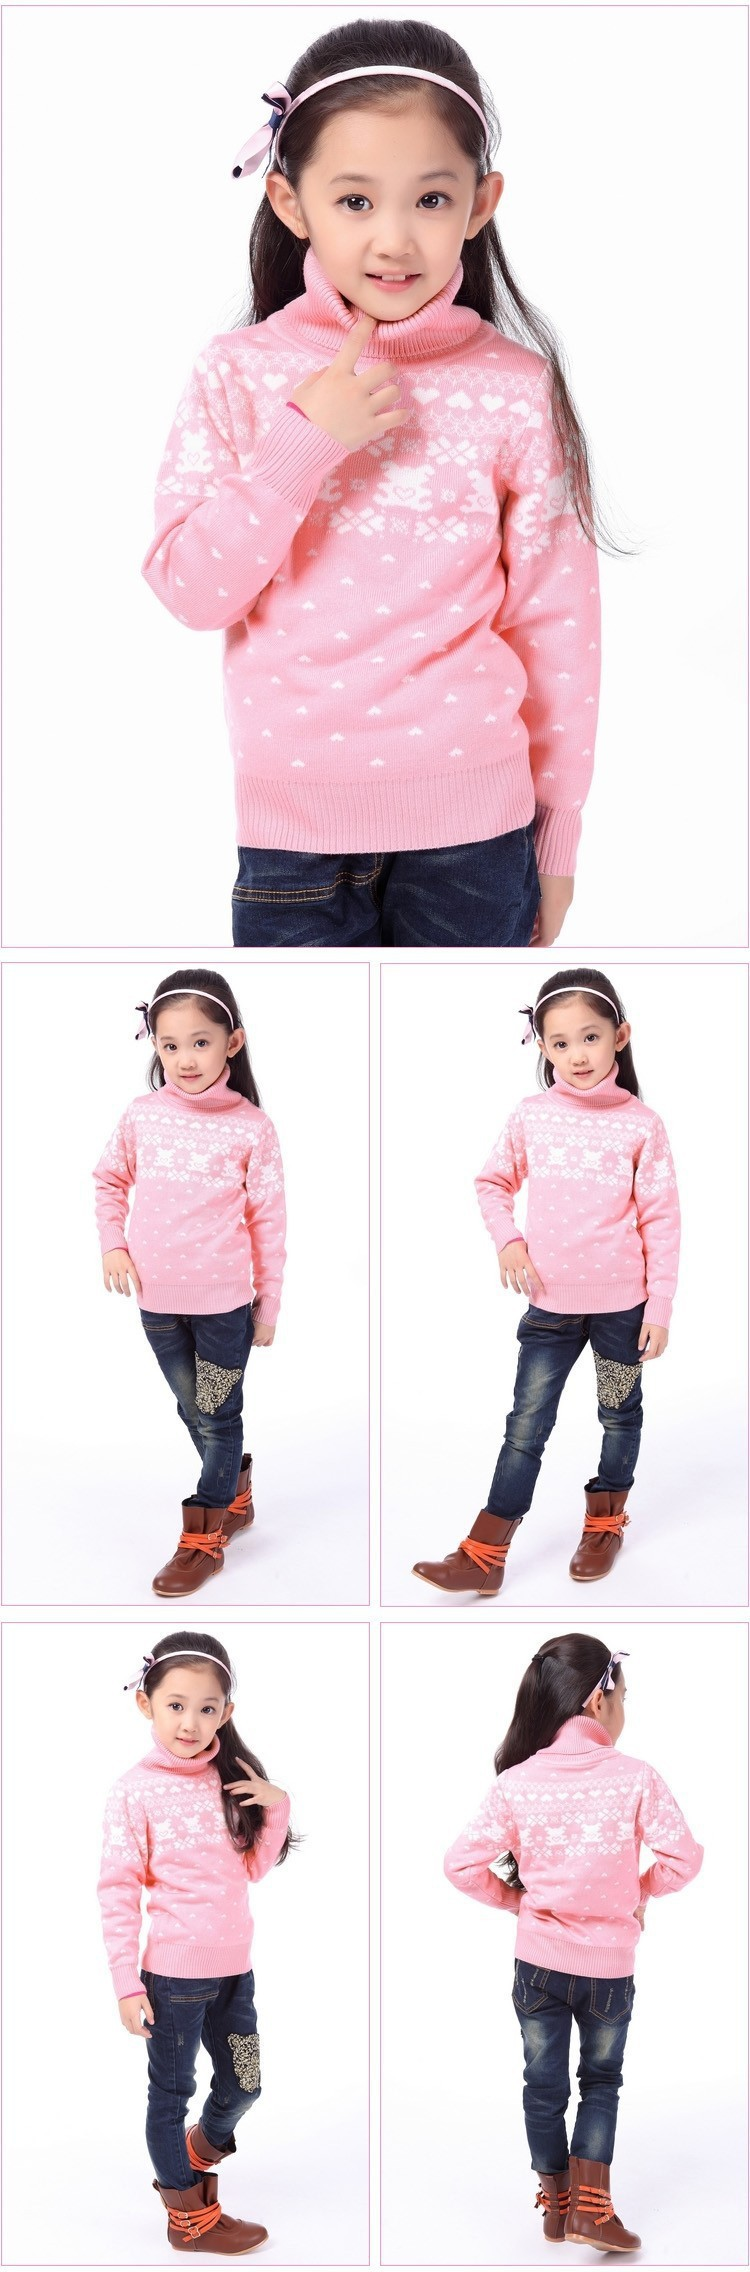 girl sweater-8